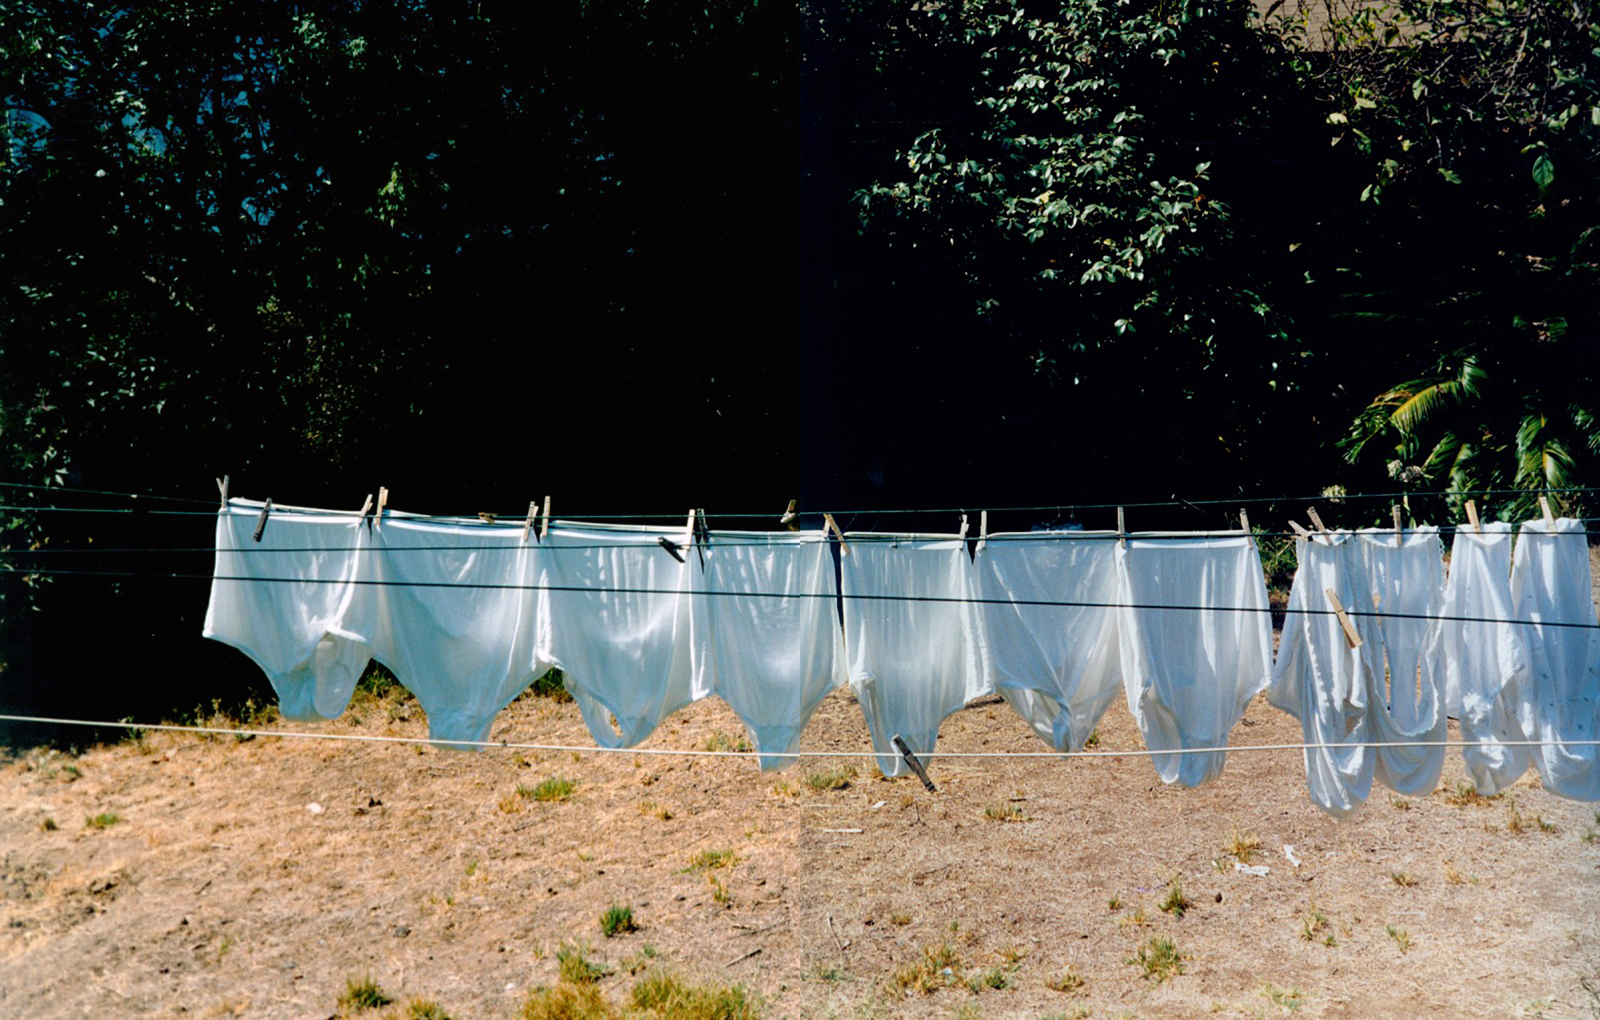 ec_backyard_34-35.jpg